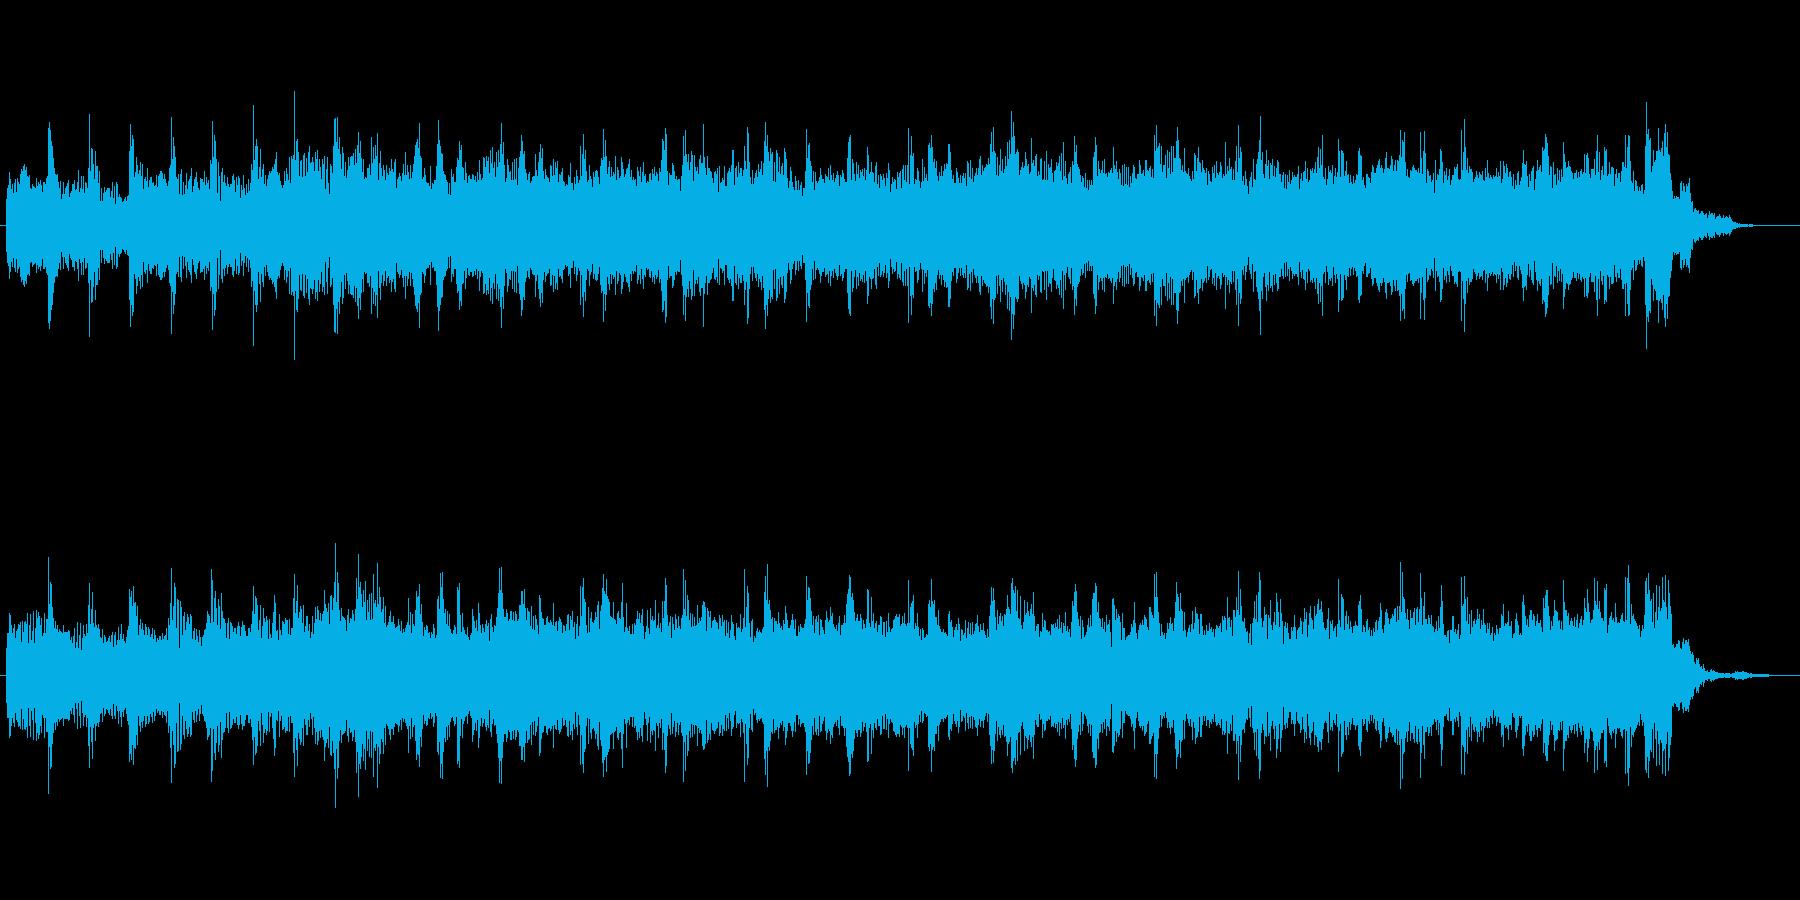 高音質♪ロックアップCMの再生済みの波形